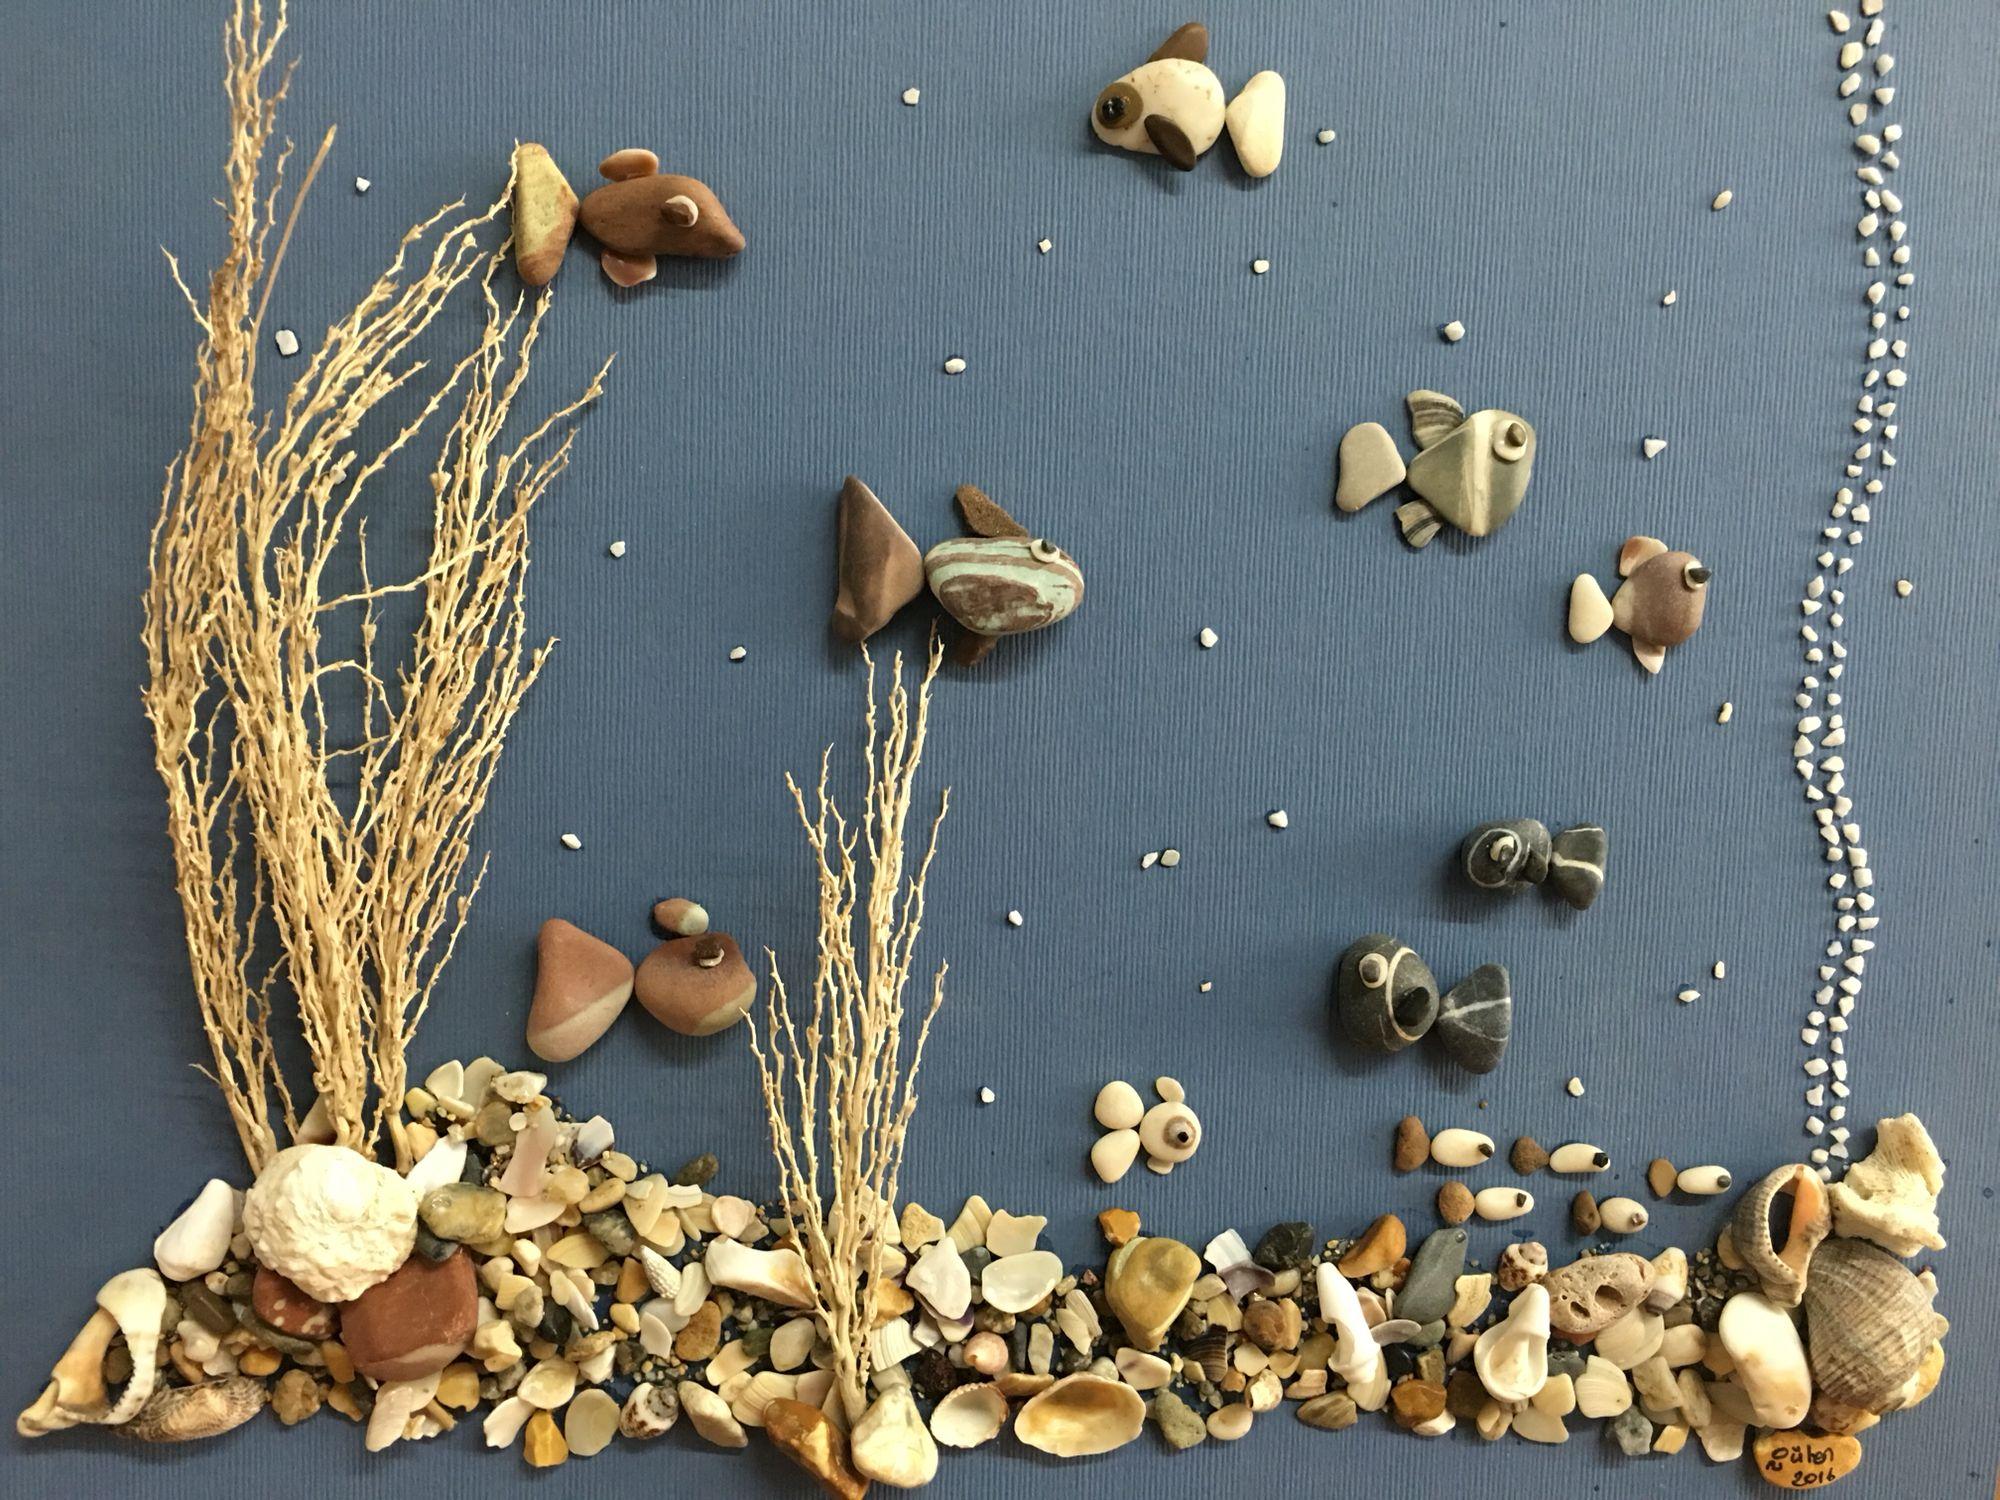 картинки из природного материала морские нас есть